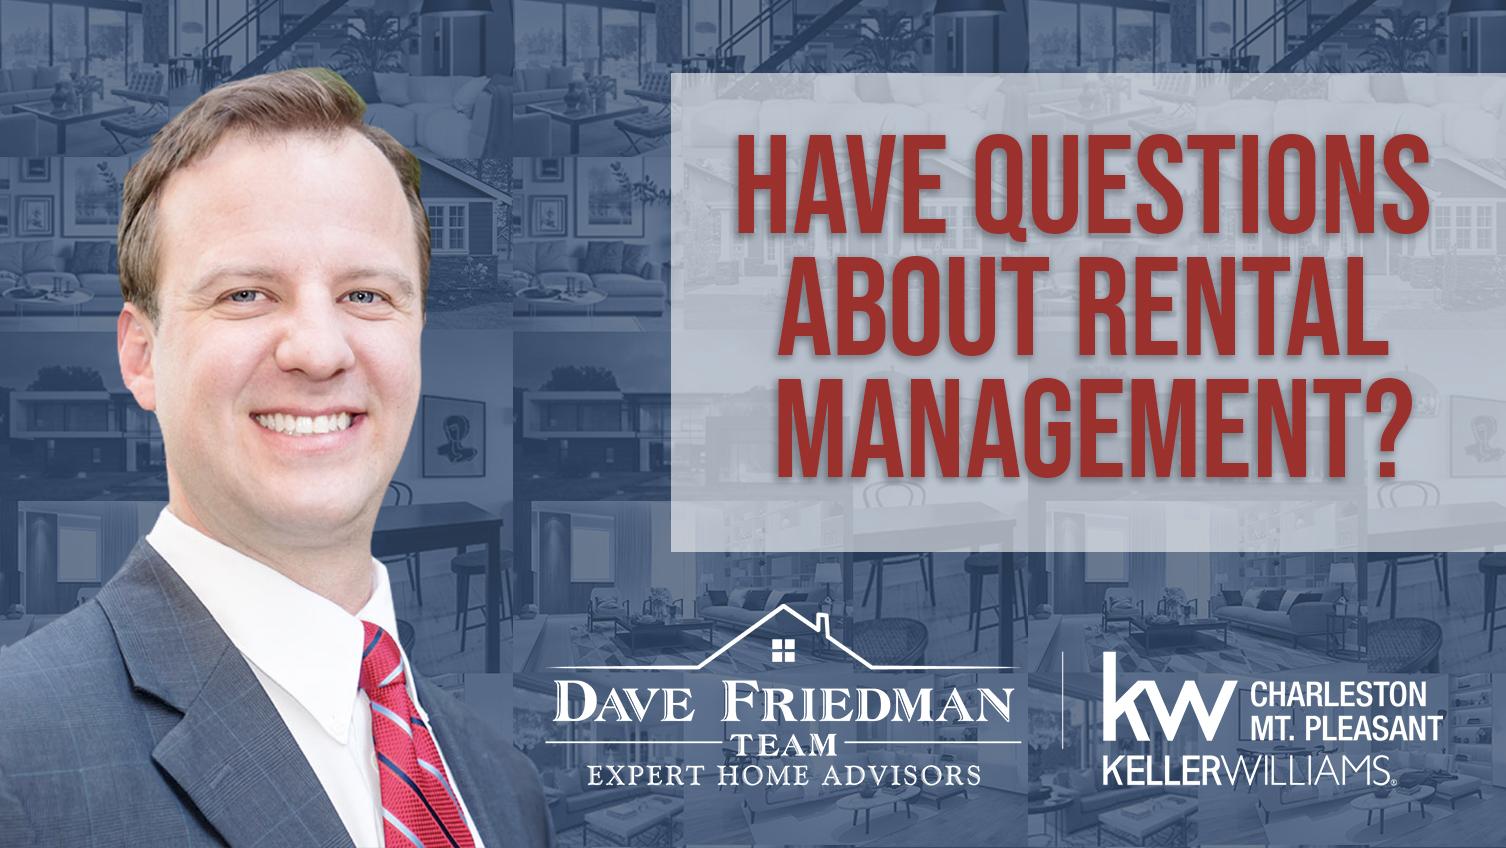 Q: Have Questions About Rental Management?